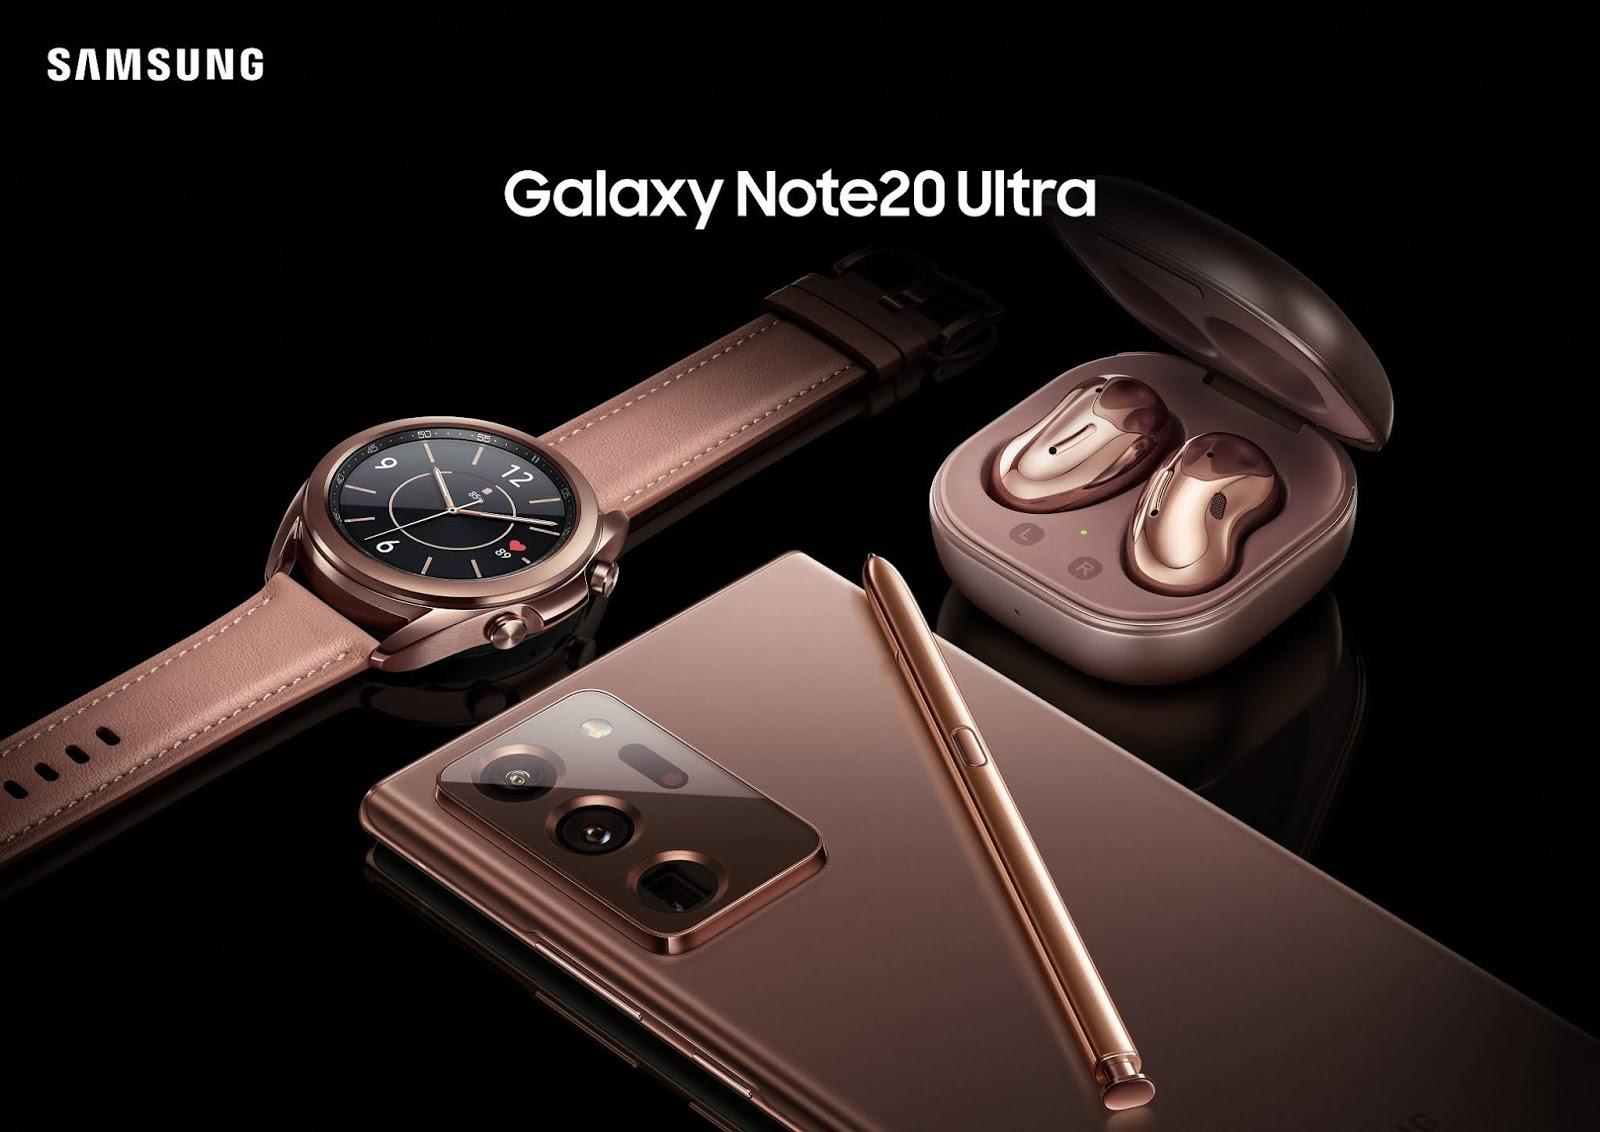 จำหน่ายแล้ววันนี้! Samsung Galaxy Note 20 Series พร้อม Galaxy Buds Live และ Galaxy Watch 3